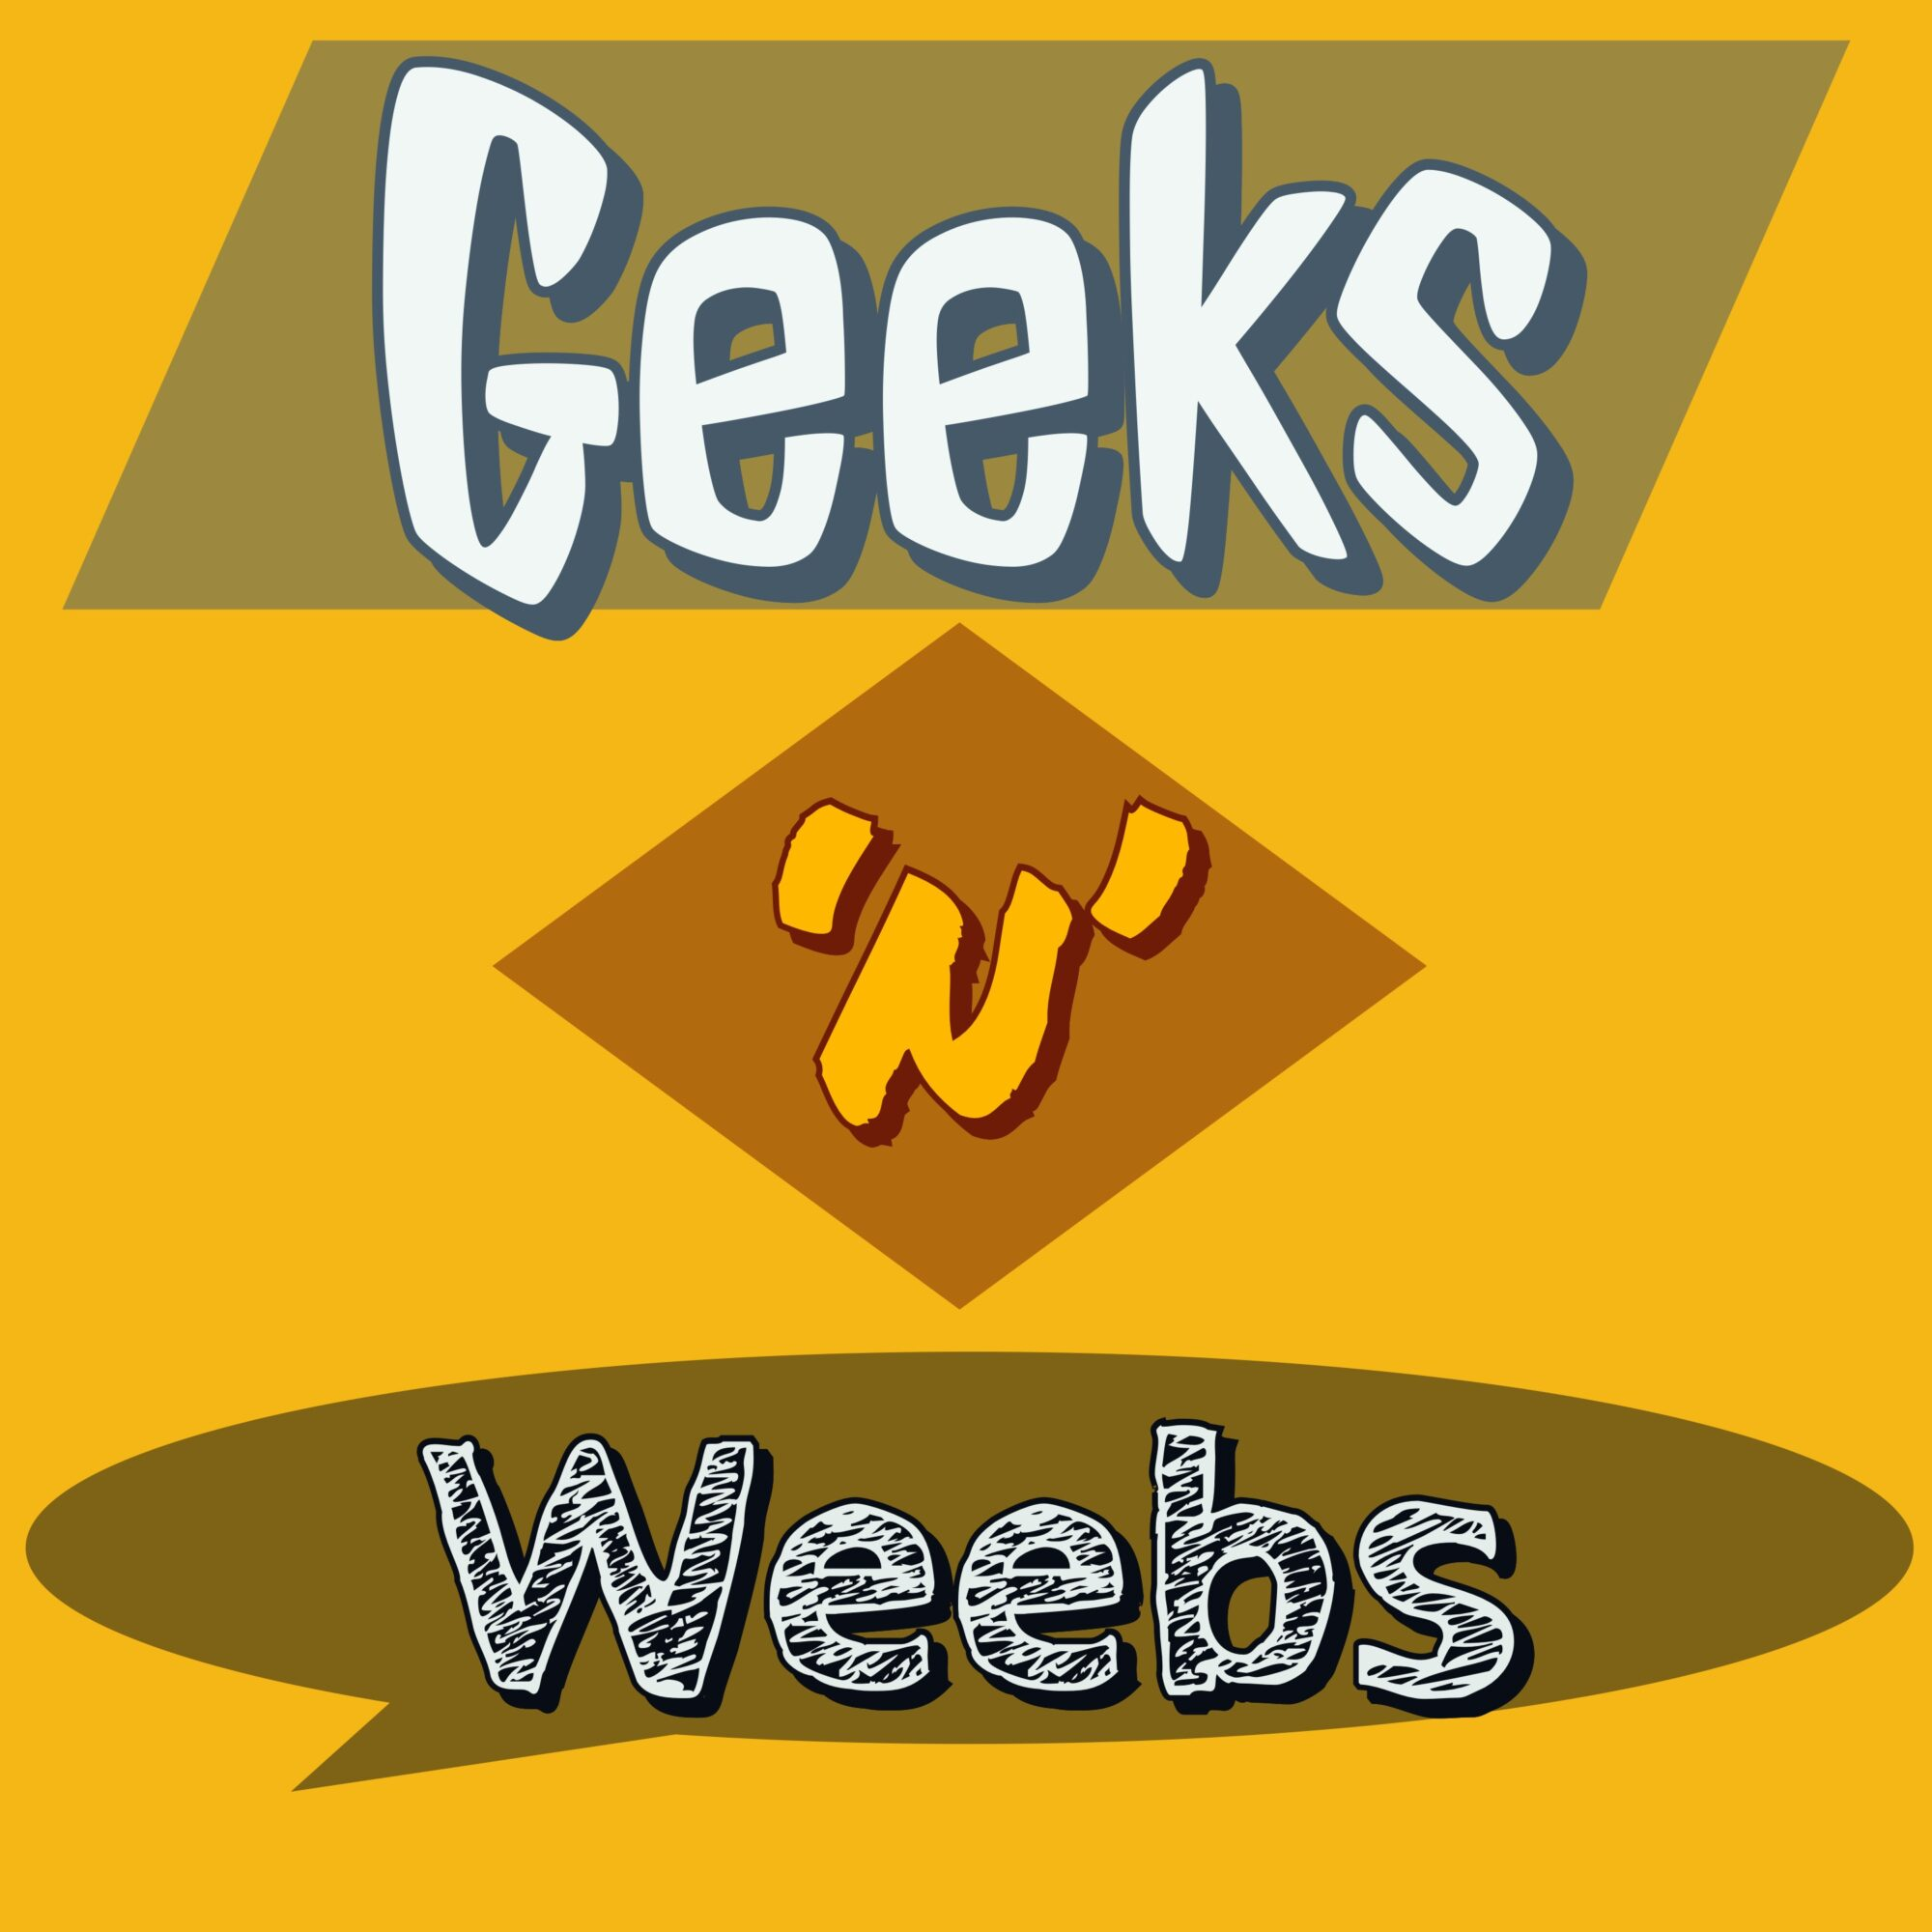 Geeks 'n' Weebs